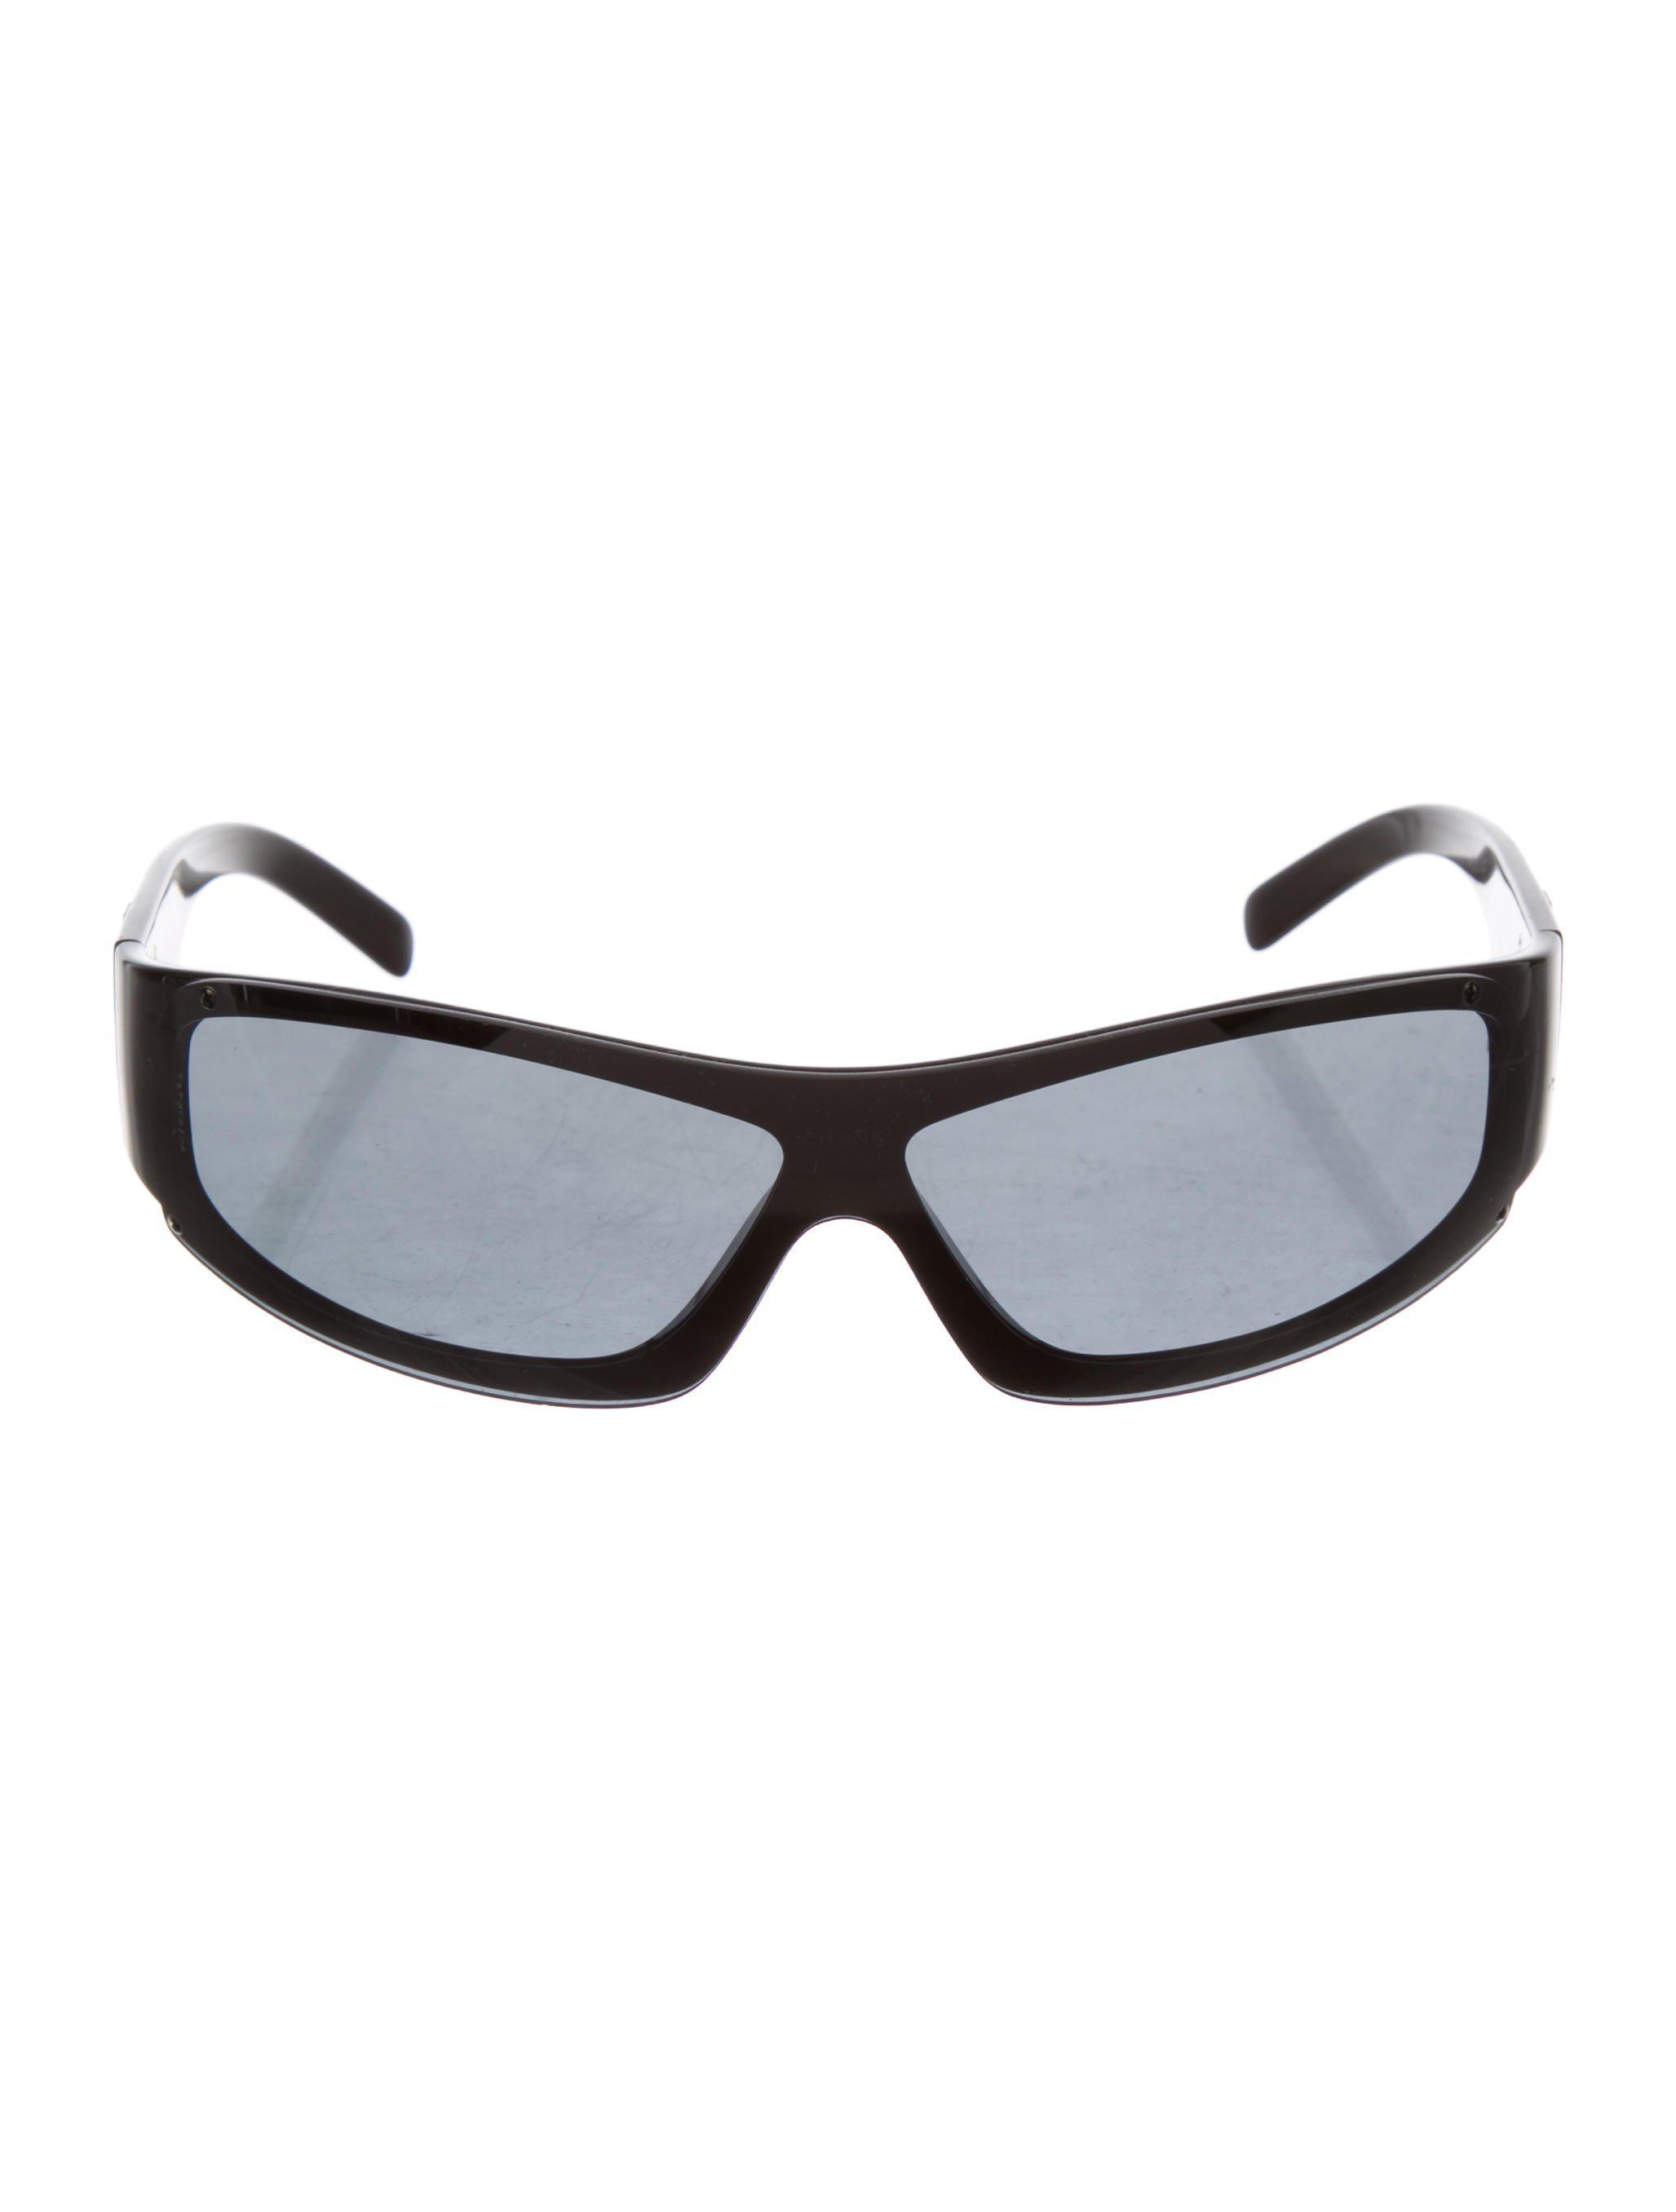 8c23c0eb976 Lyst - Chanel Cc Shield Sunglasses in Black